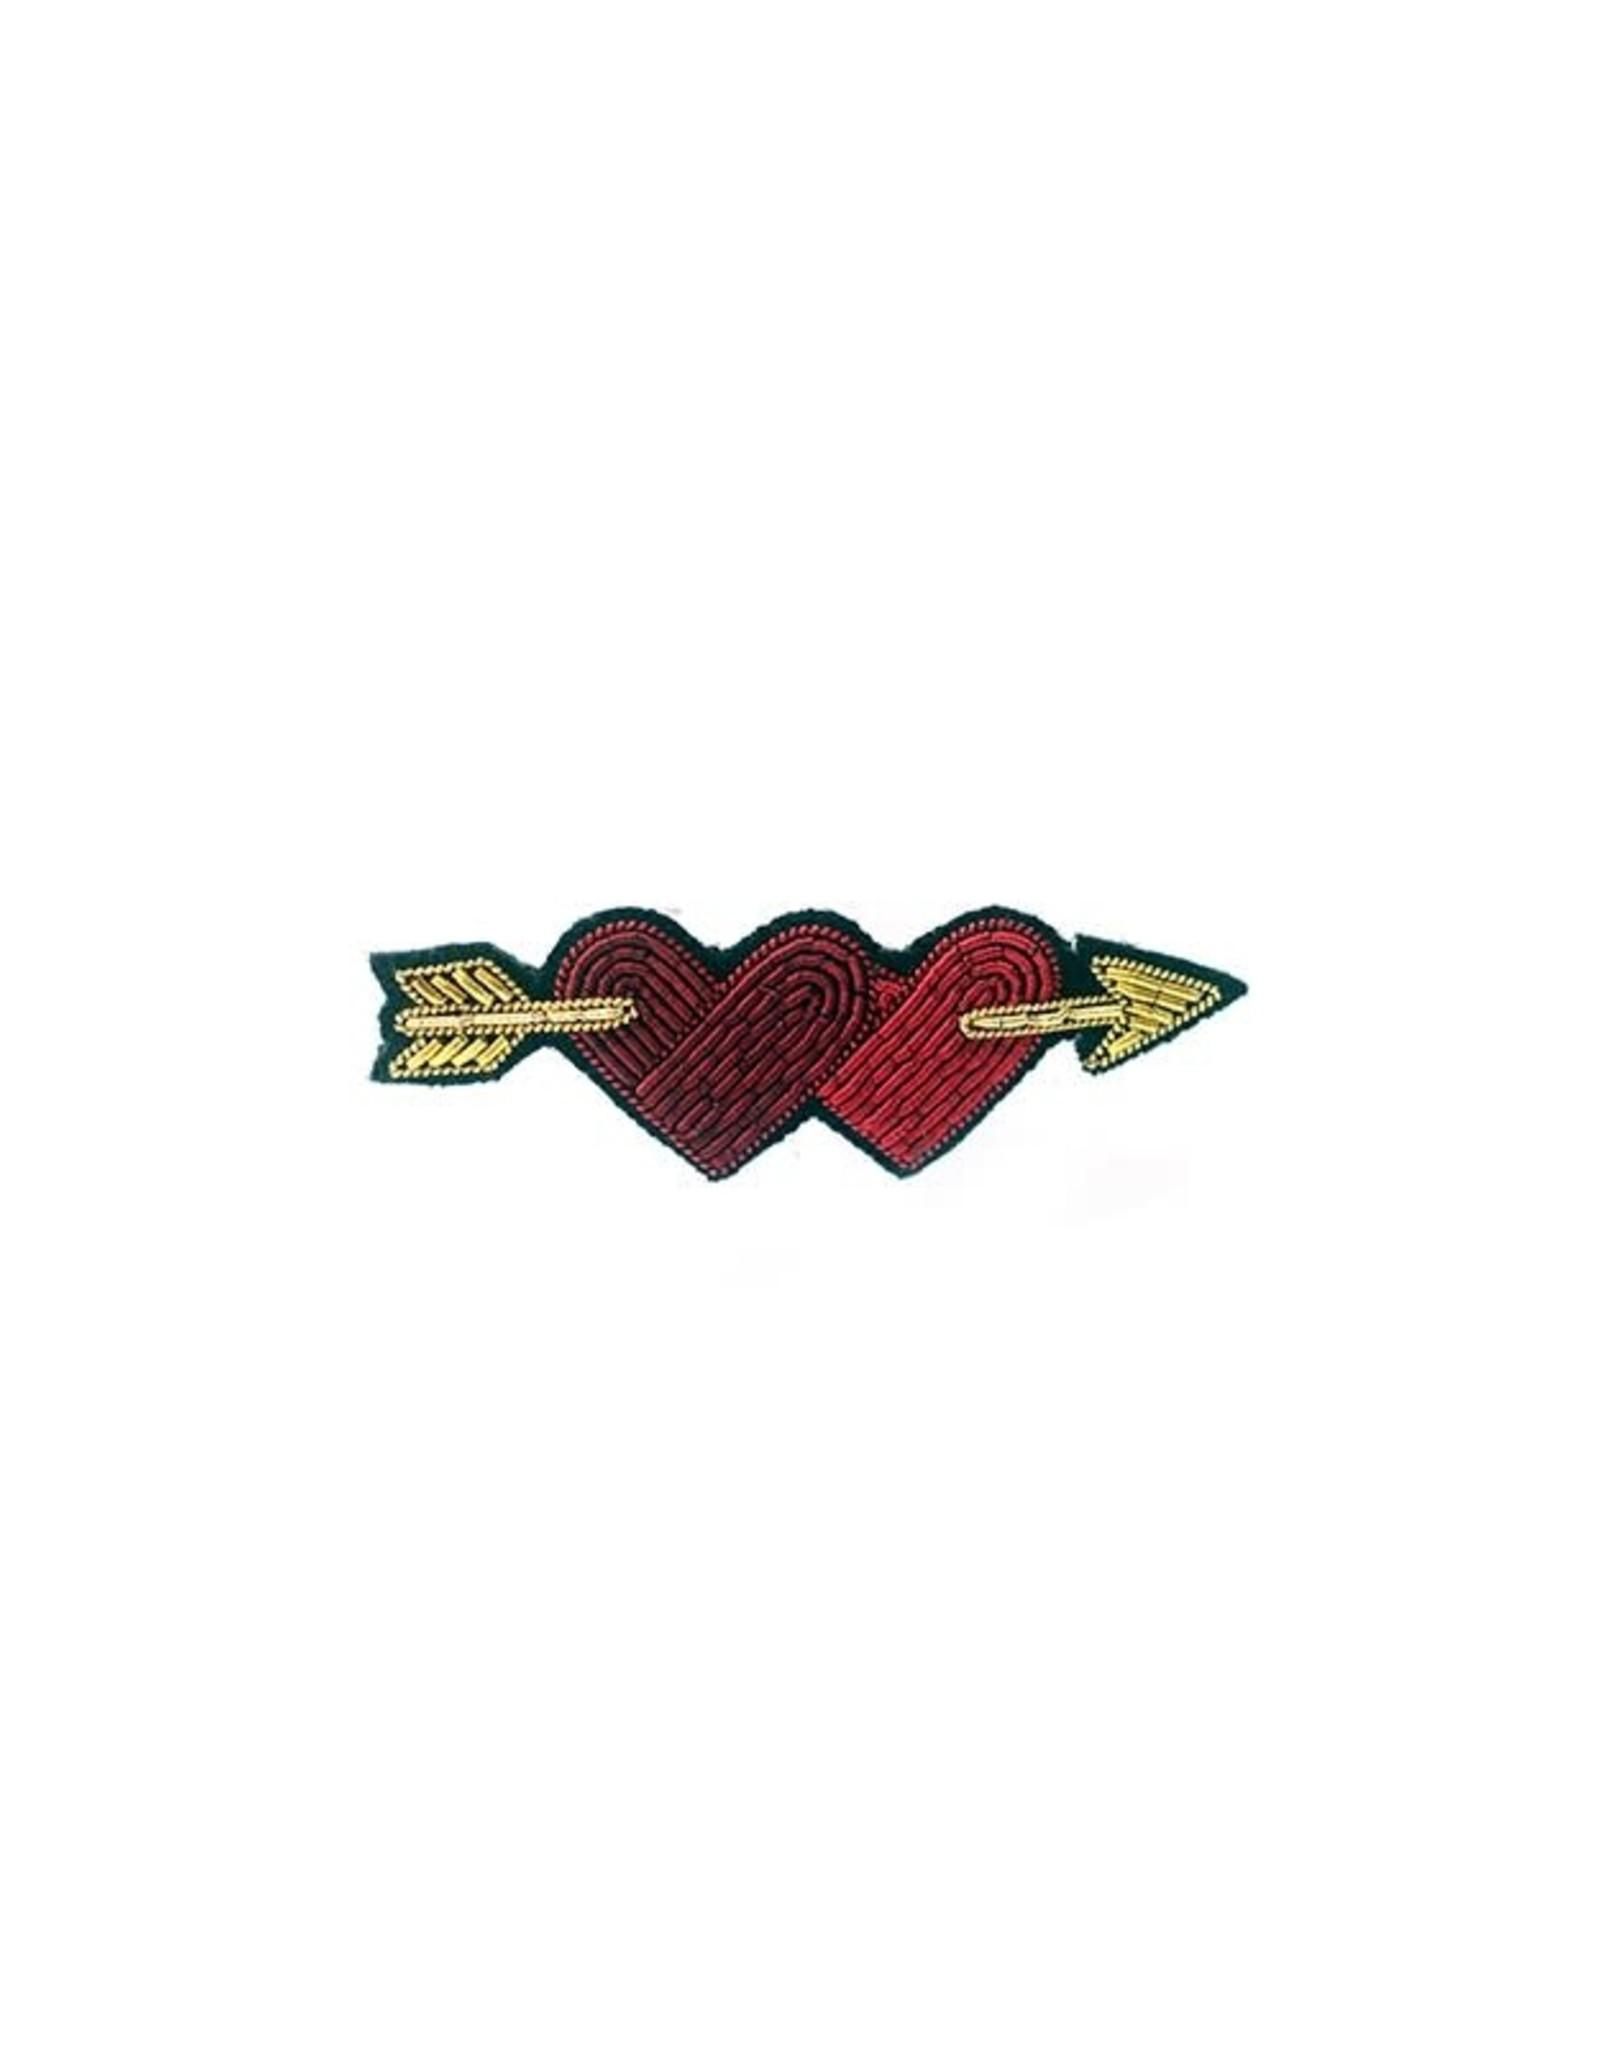 Macon & Lesquoy 'Love Hearts' Pin